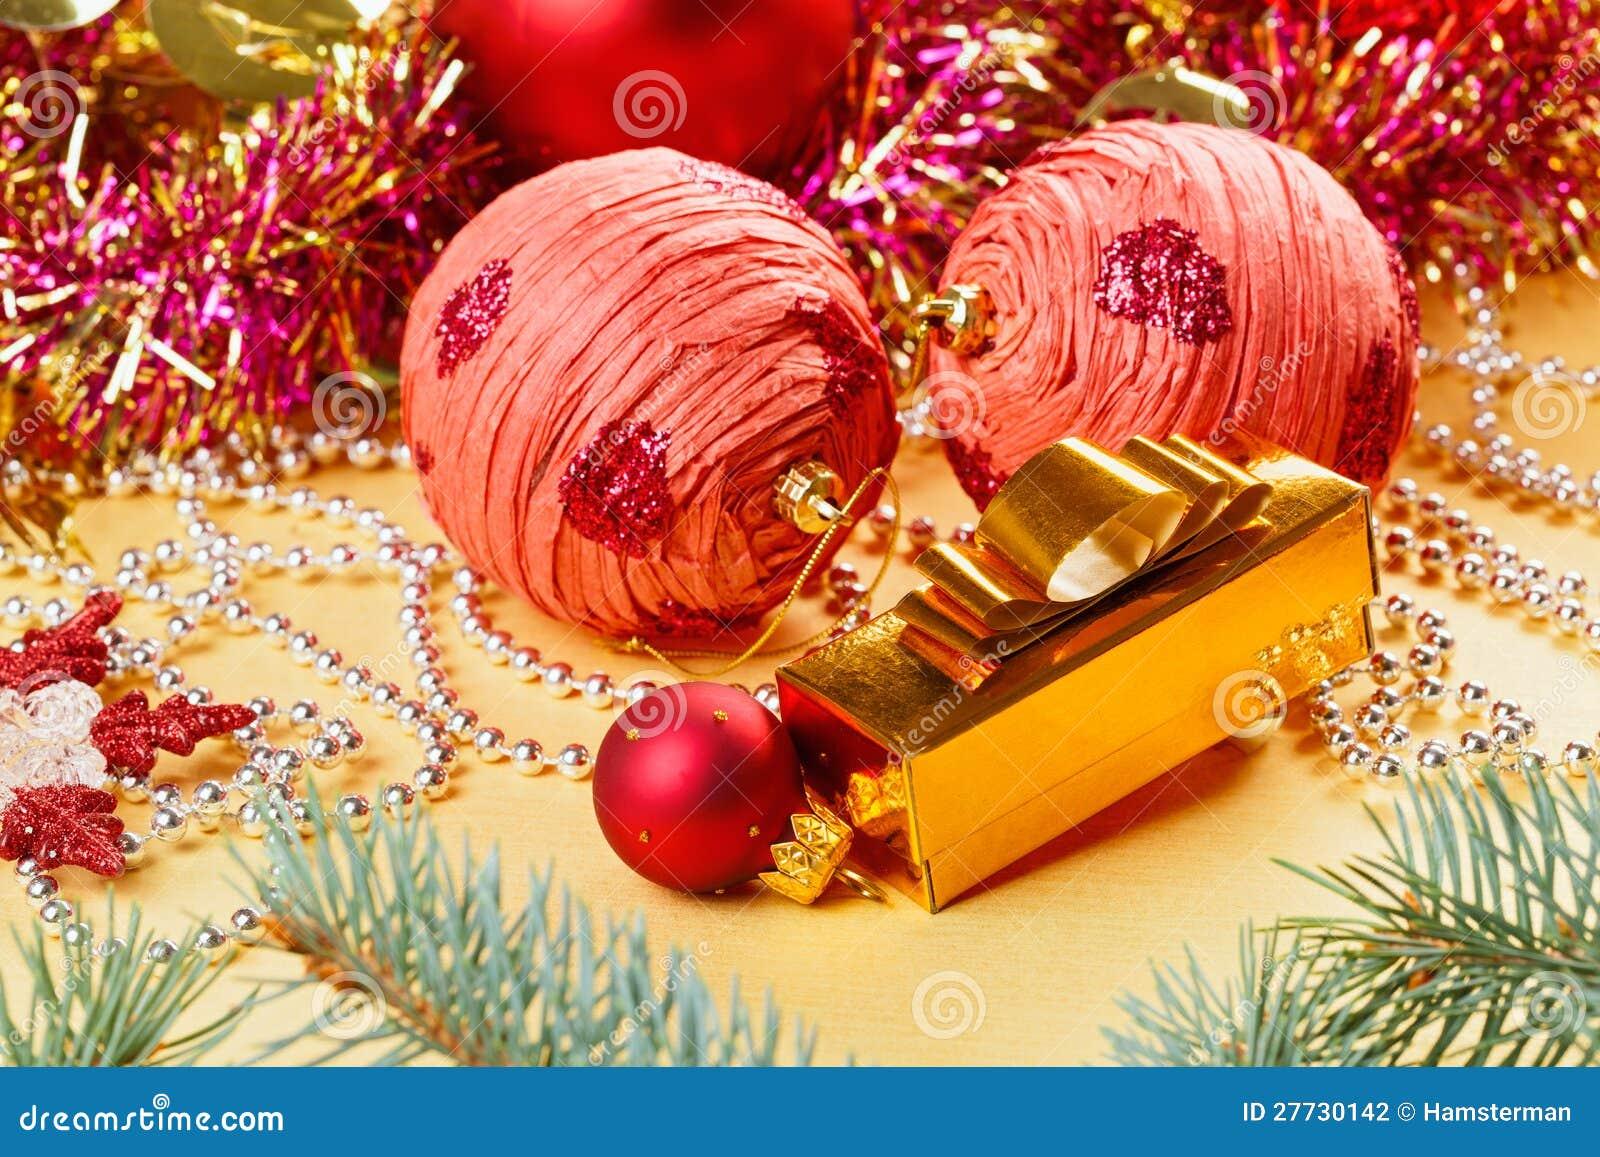 Weihnachtskugeln und -dekorationen auf Goldenem